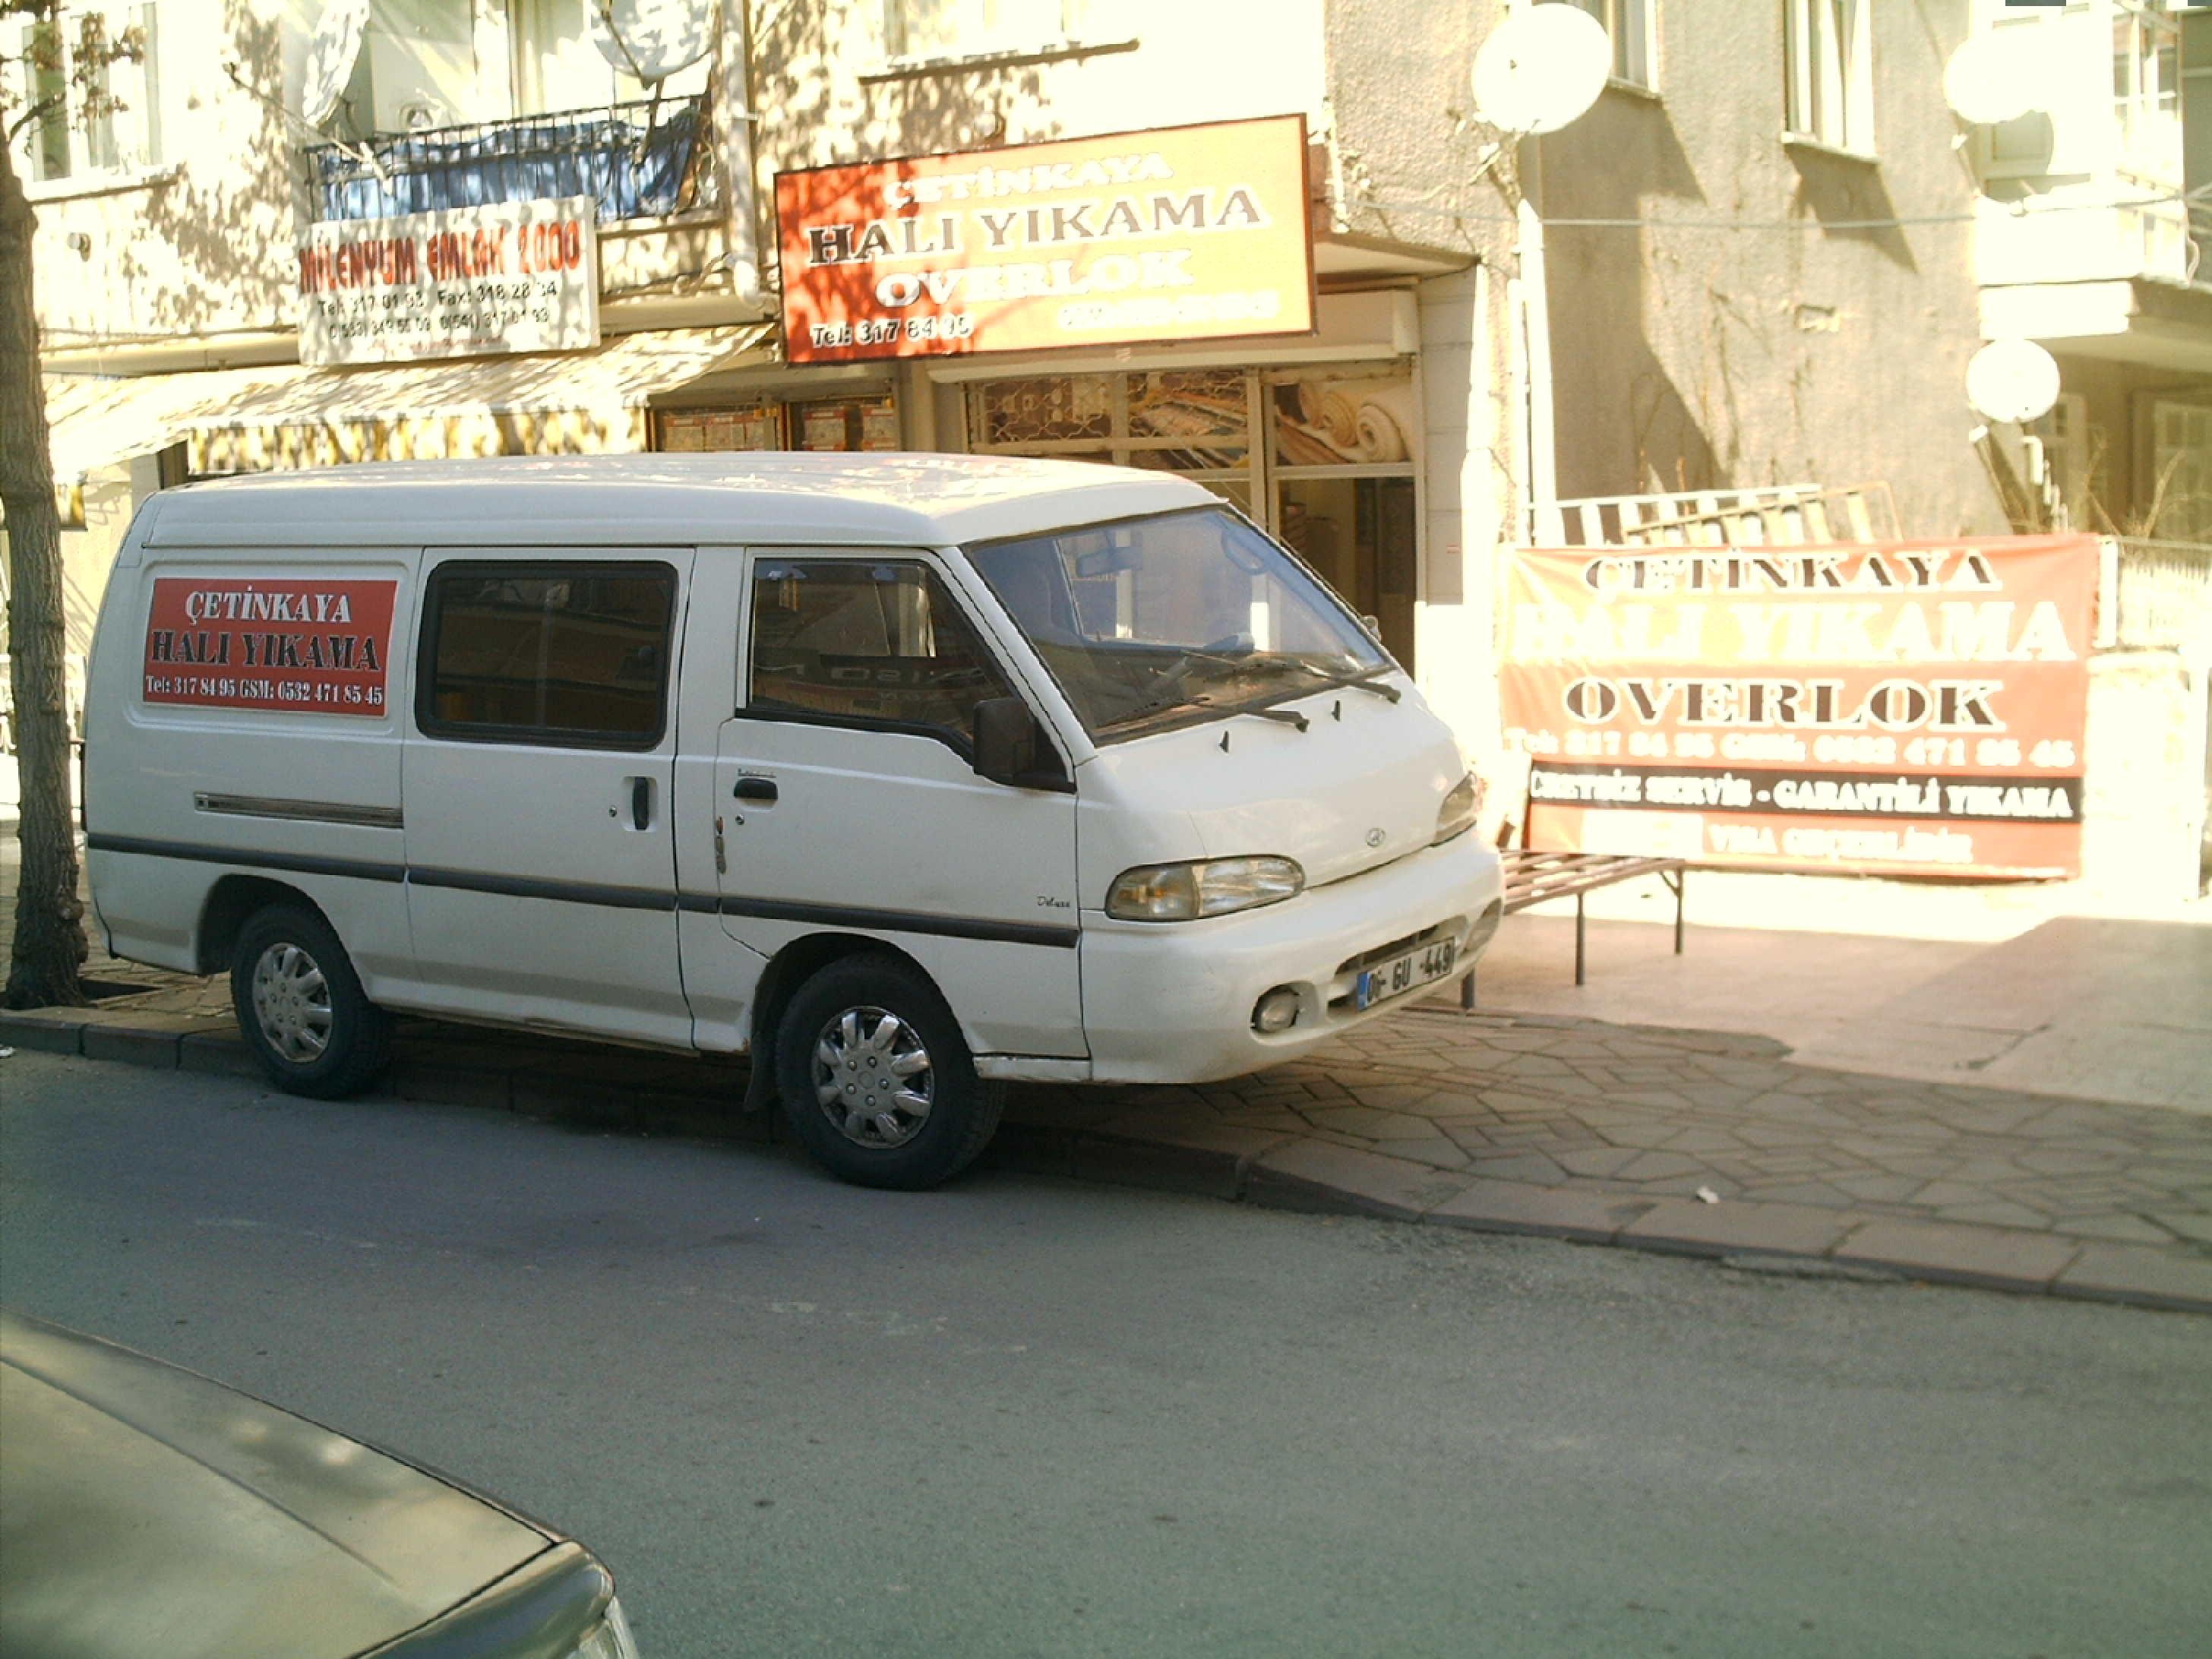 şenlik_hali_yikama_servis-1 (3)